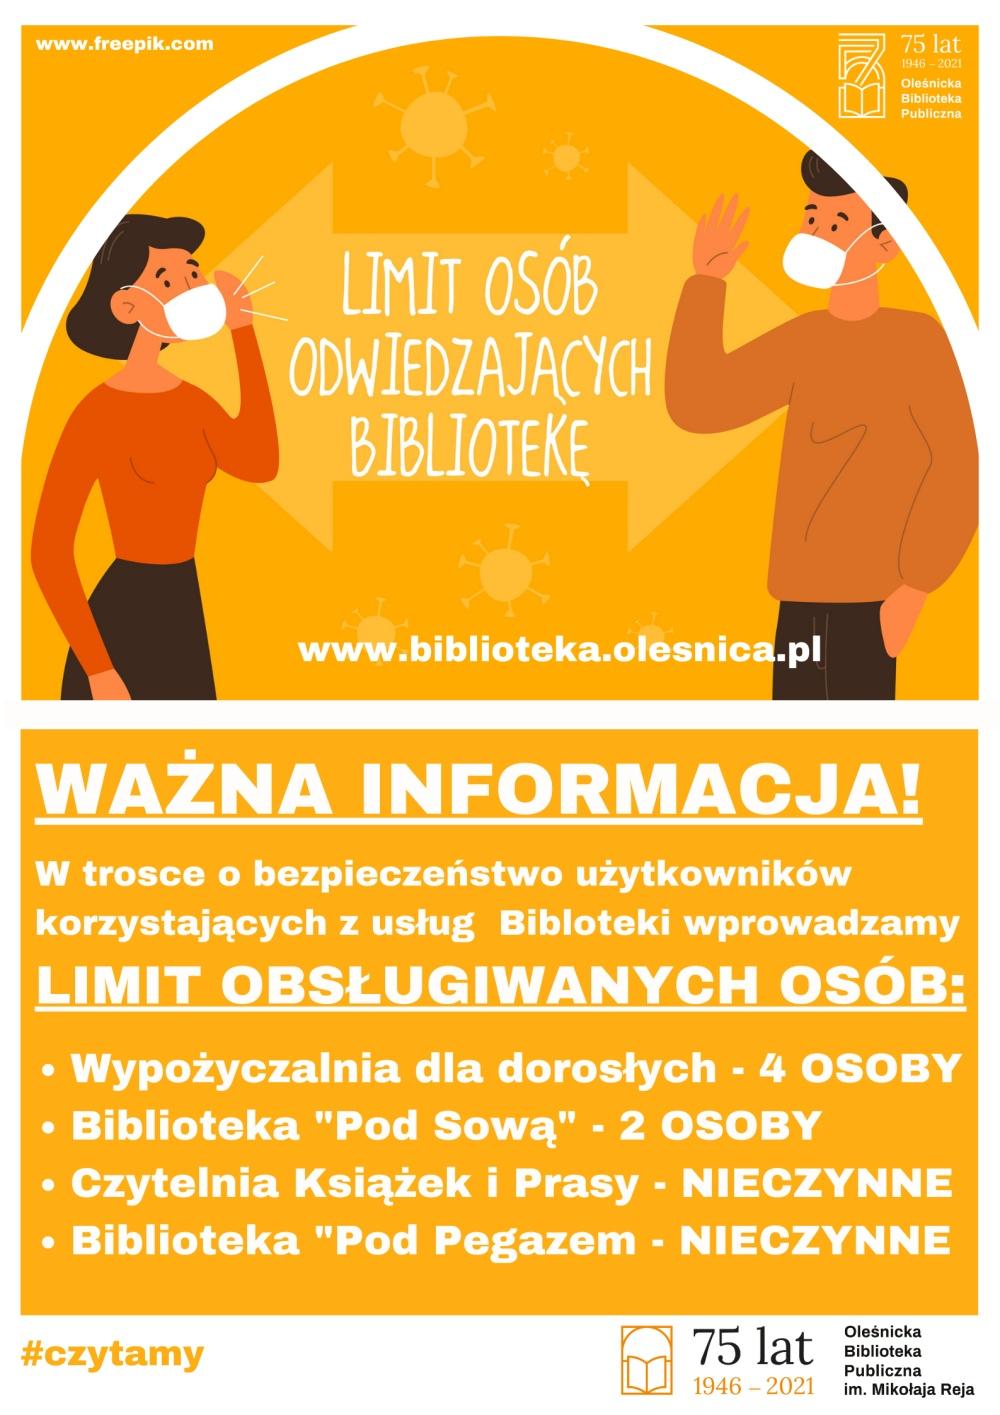 Informacja o limitach w obsłudze osób w bibliotece od 20.03.2021 do odwołania